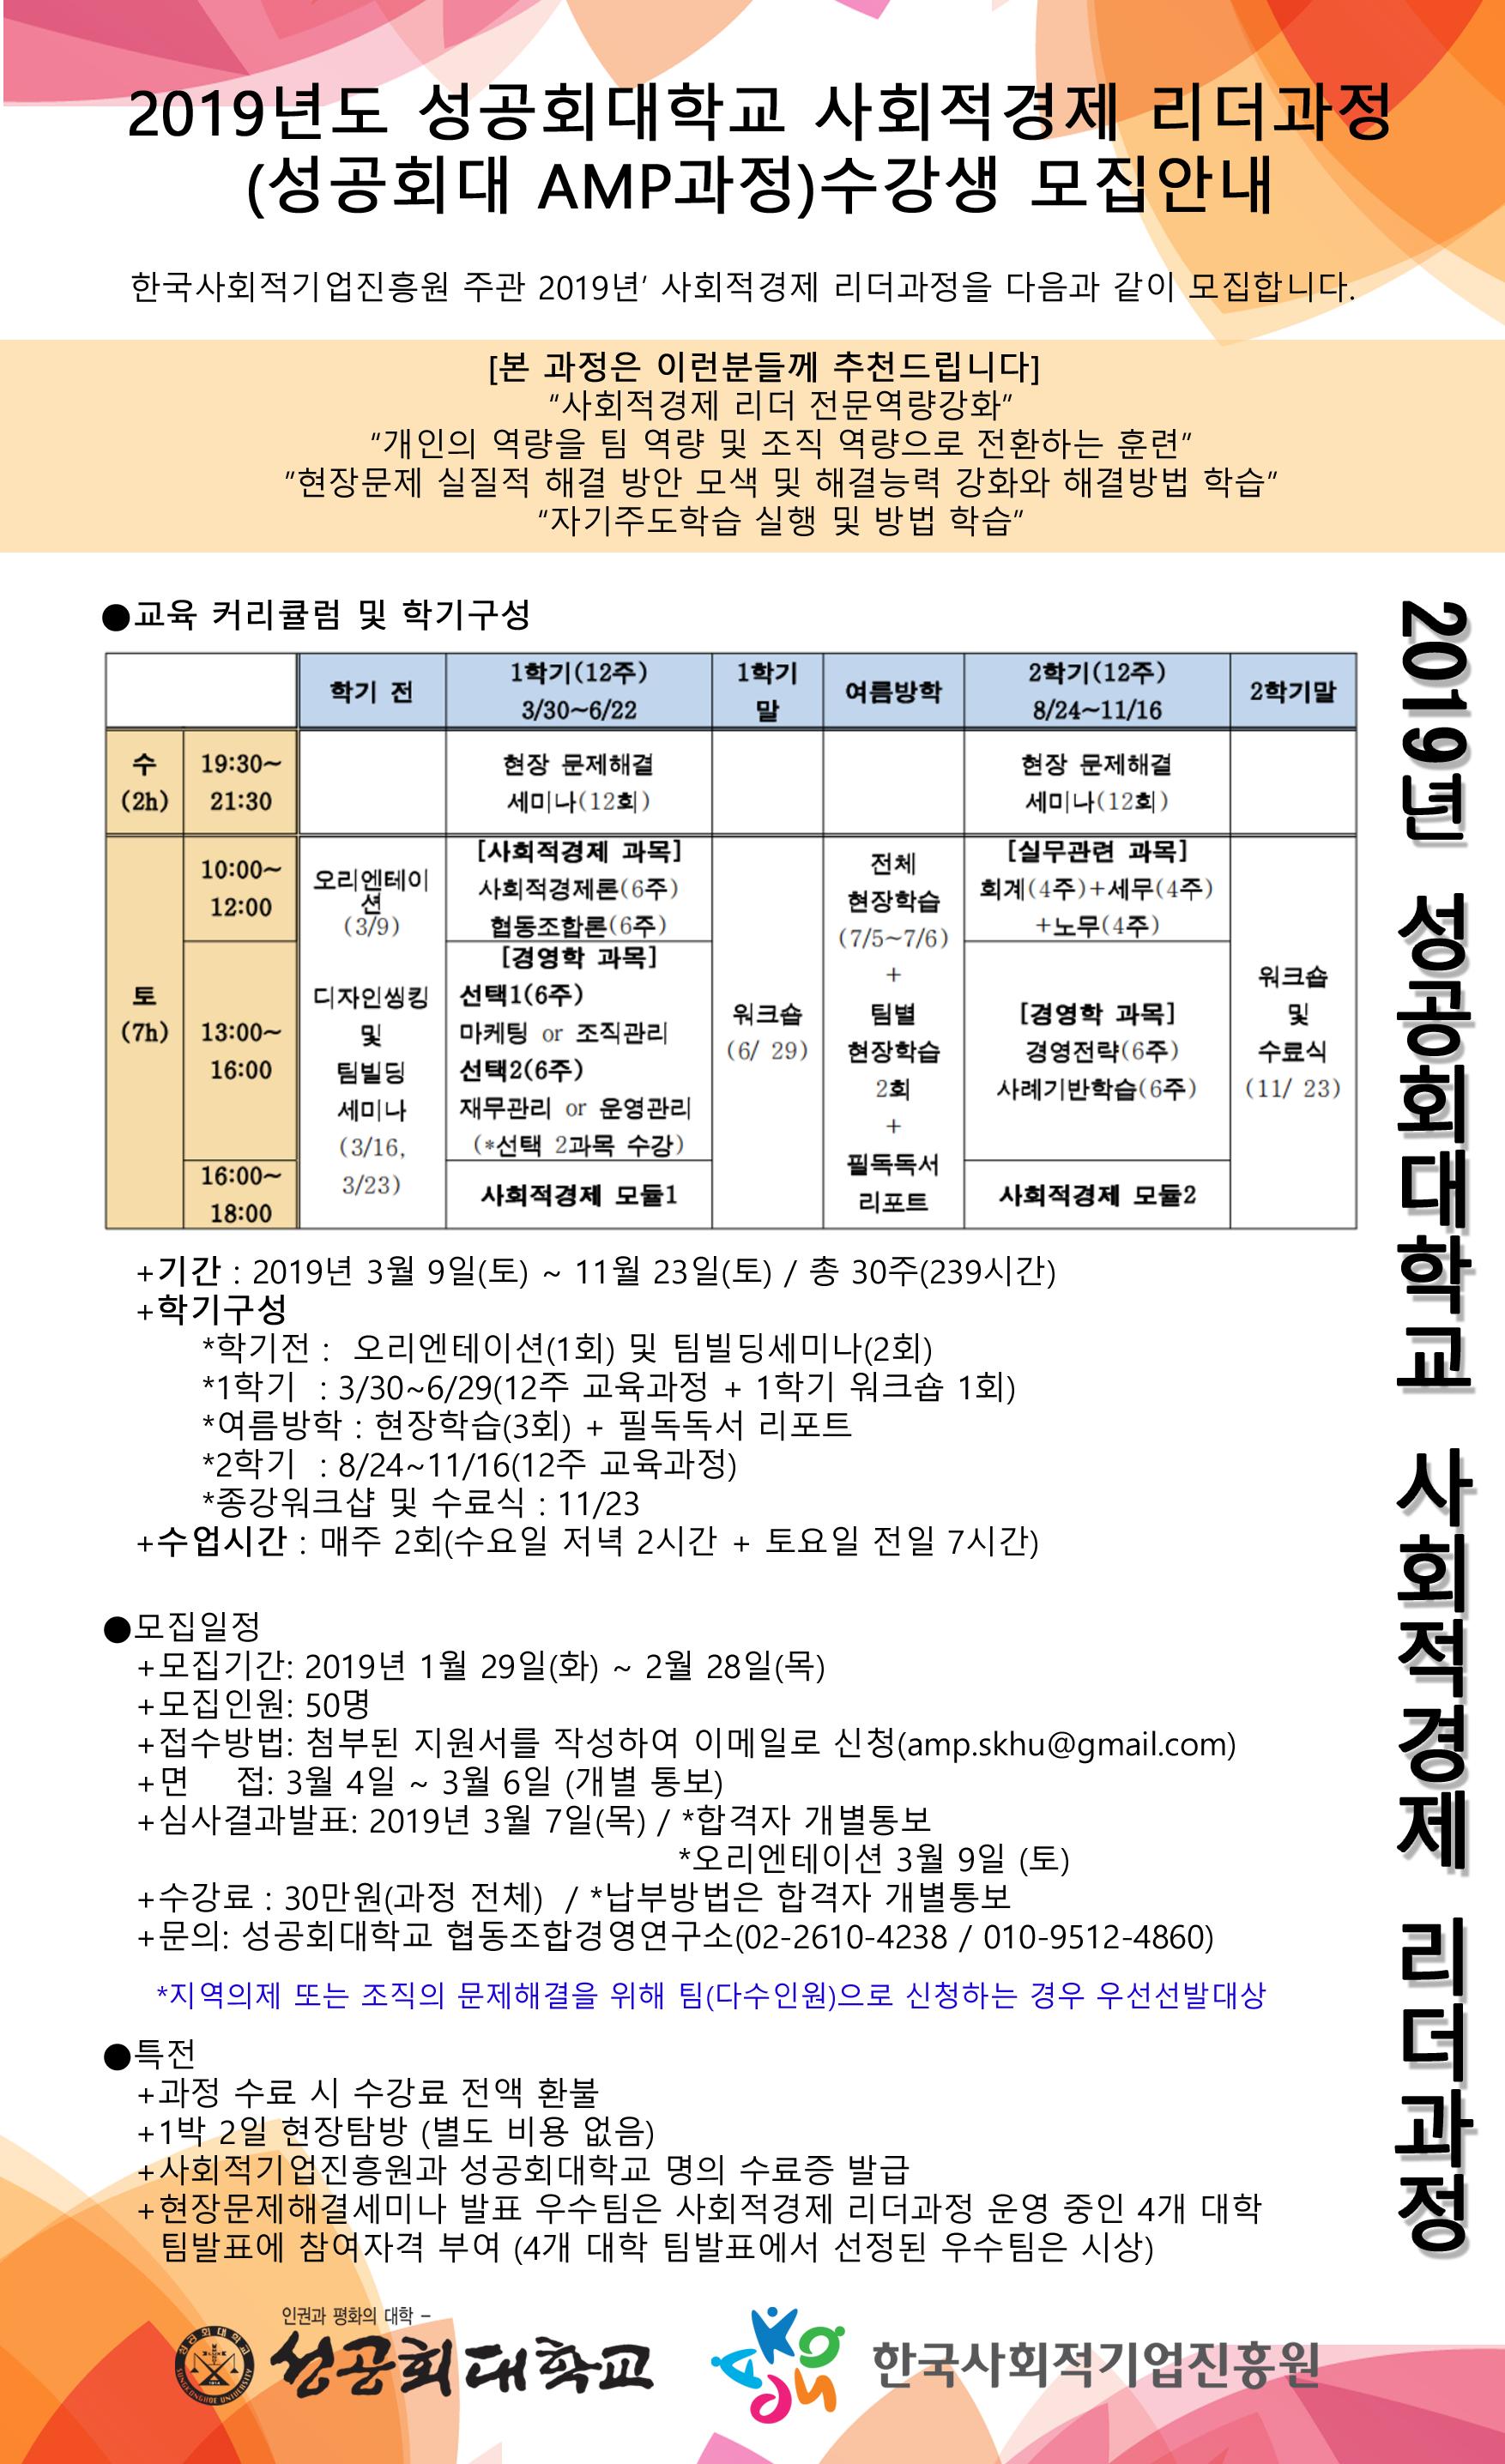 2019년 성공회대 사회적경제 리더과정(AMP과정) 모집안내